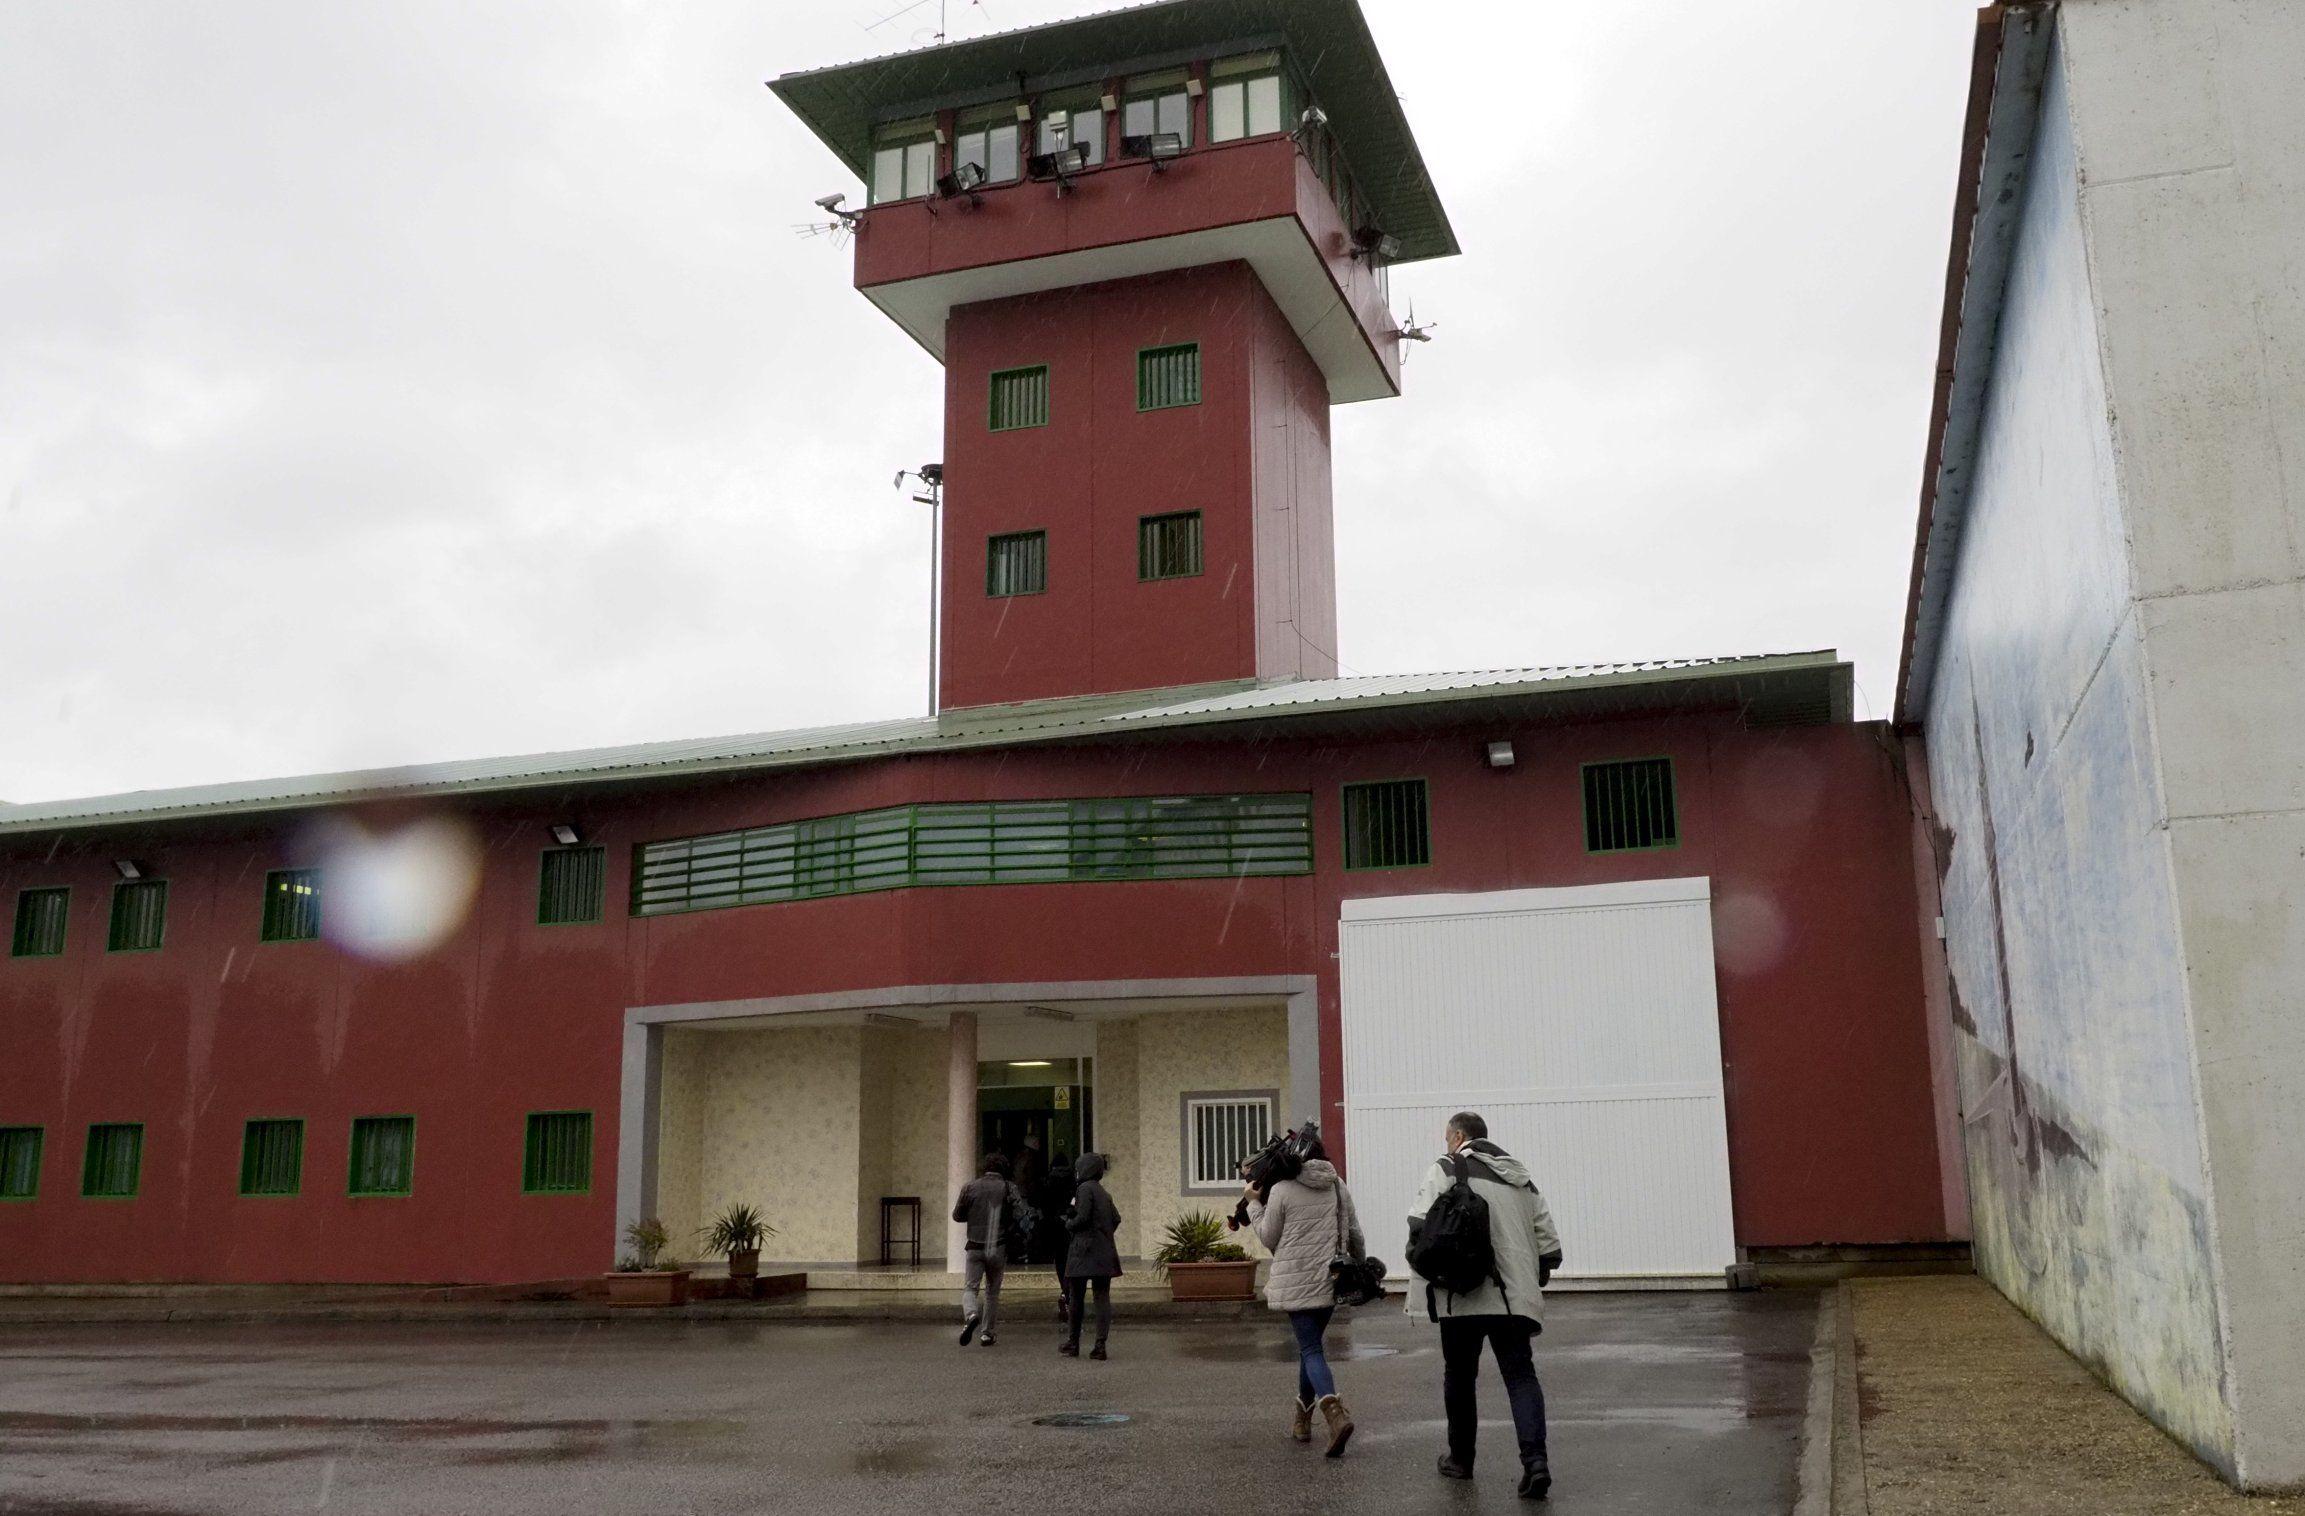 Los hechos ocurrieron en el interior de la cárcel de Teixeiro